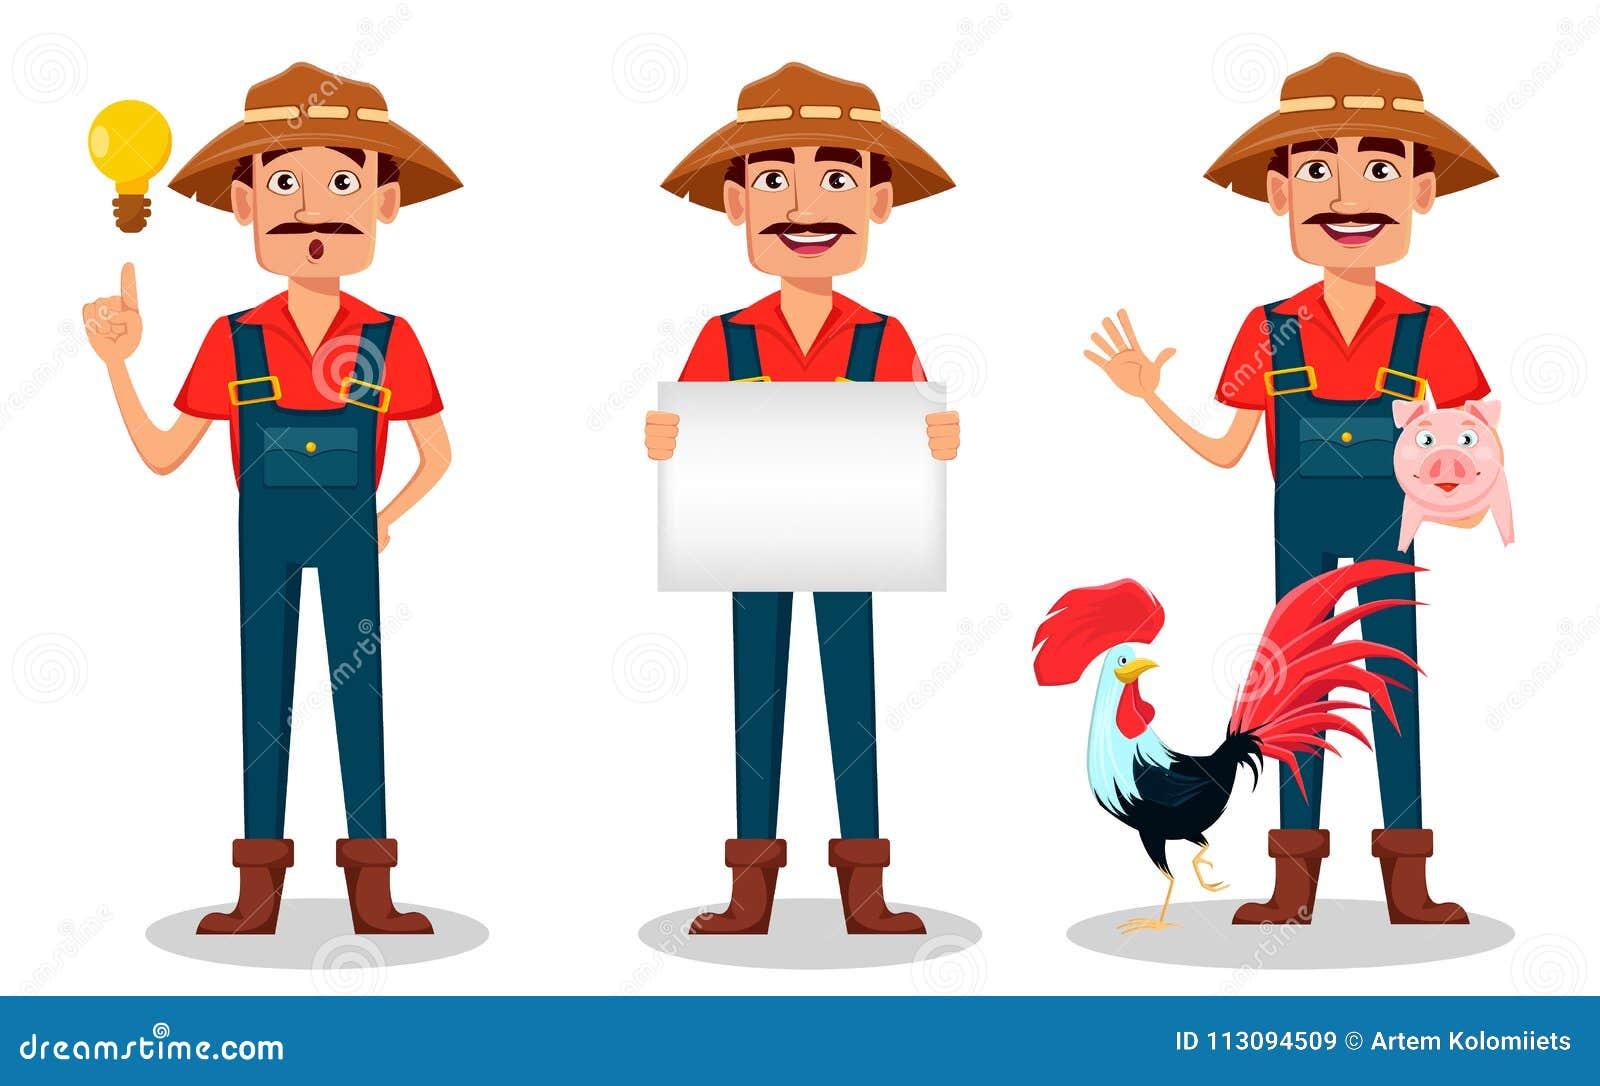 Χαρακτήρας κινουμένων σχεδίων της Farmer - σύνολο Ο εύθυμος κηπουρός κρατά την κενή αφίσσα, έχει μια καλή ιδέα και στέκεται με το